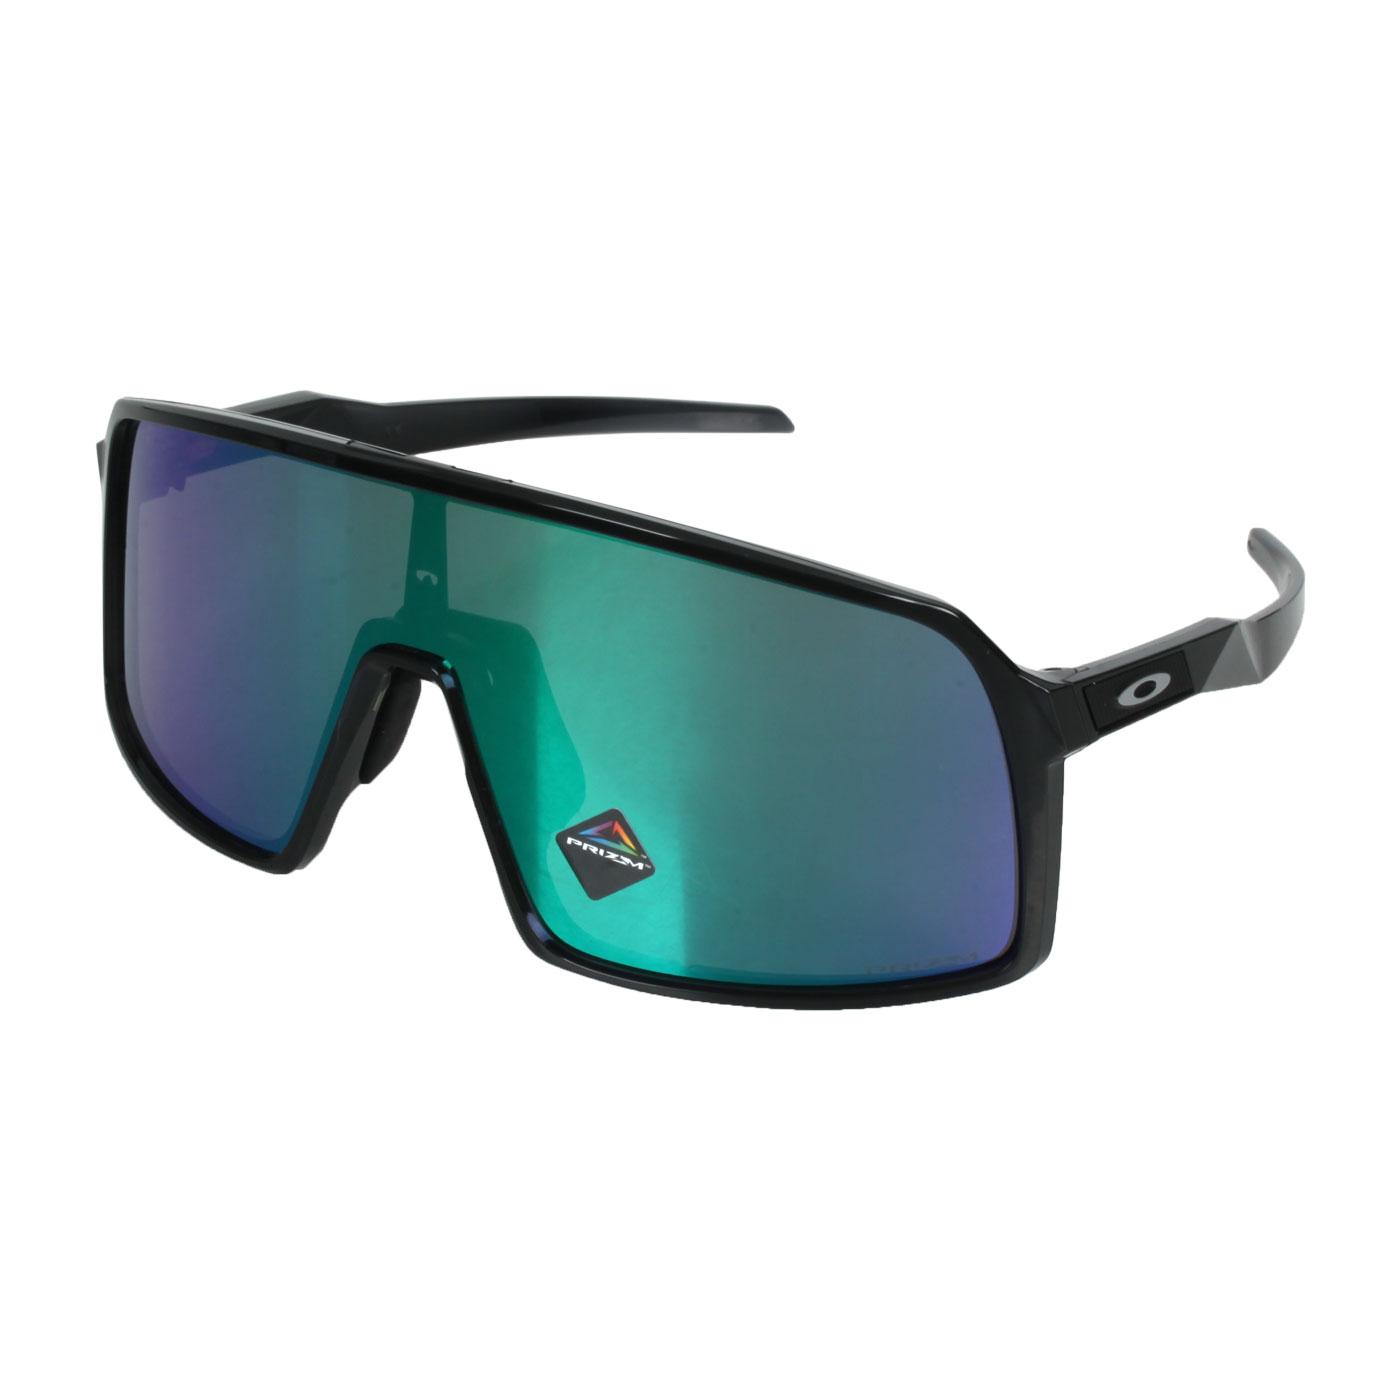 OAKLEY SUTRO (A) 一般太陽眼鏡(附硬盒) OAK-OO9406A-1737 - 黑銀